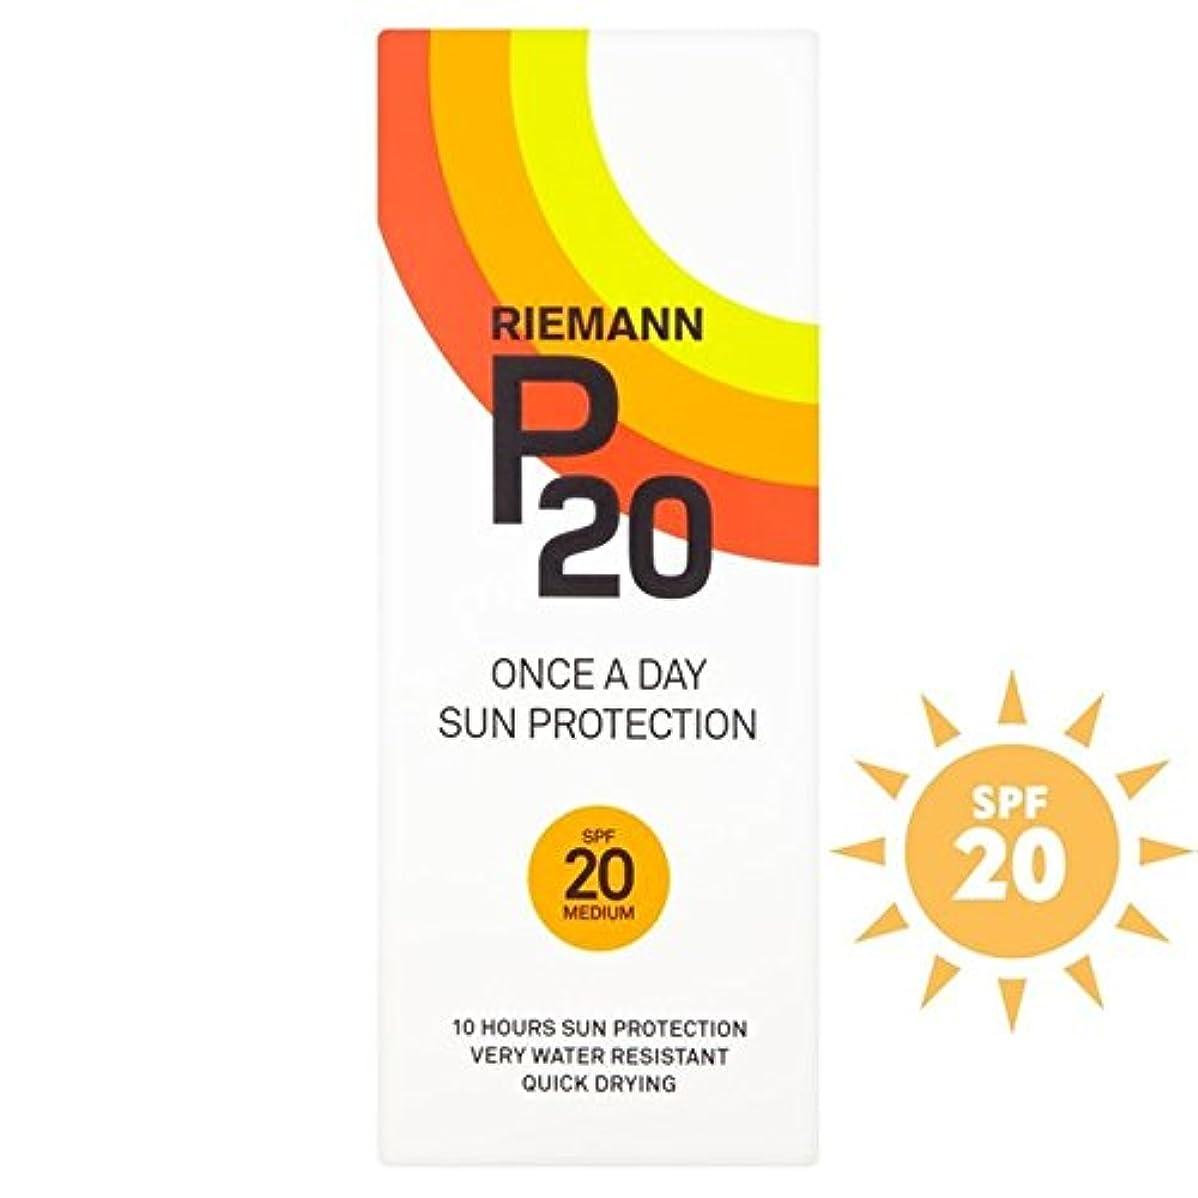 カウボーイ減らす策定するリーマン20 20 1日/ 10時間の保護200ミリリットル x4 - Riemann P20 SPF20 1 Day/10 Hour Protection 200ml (Pack of 4) [並行輸入品]